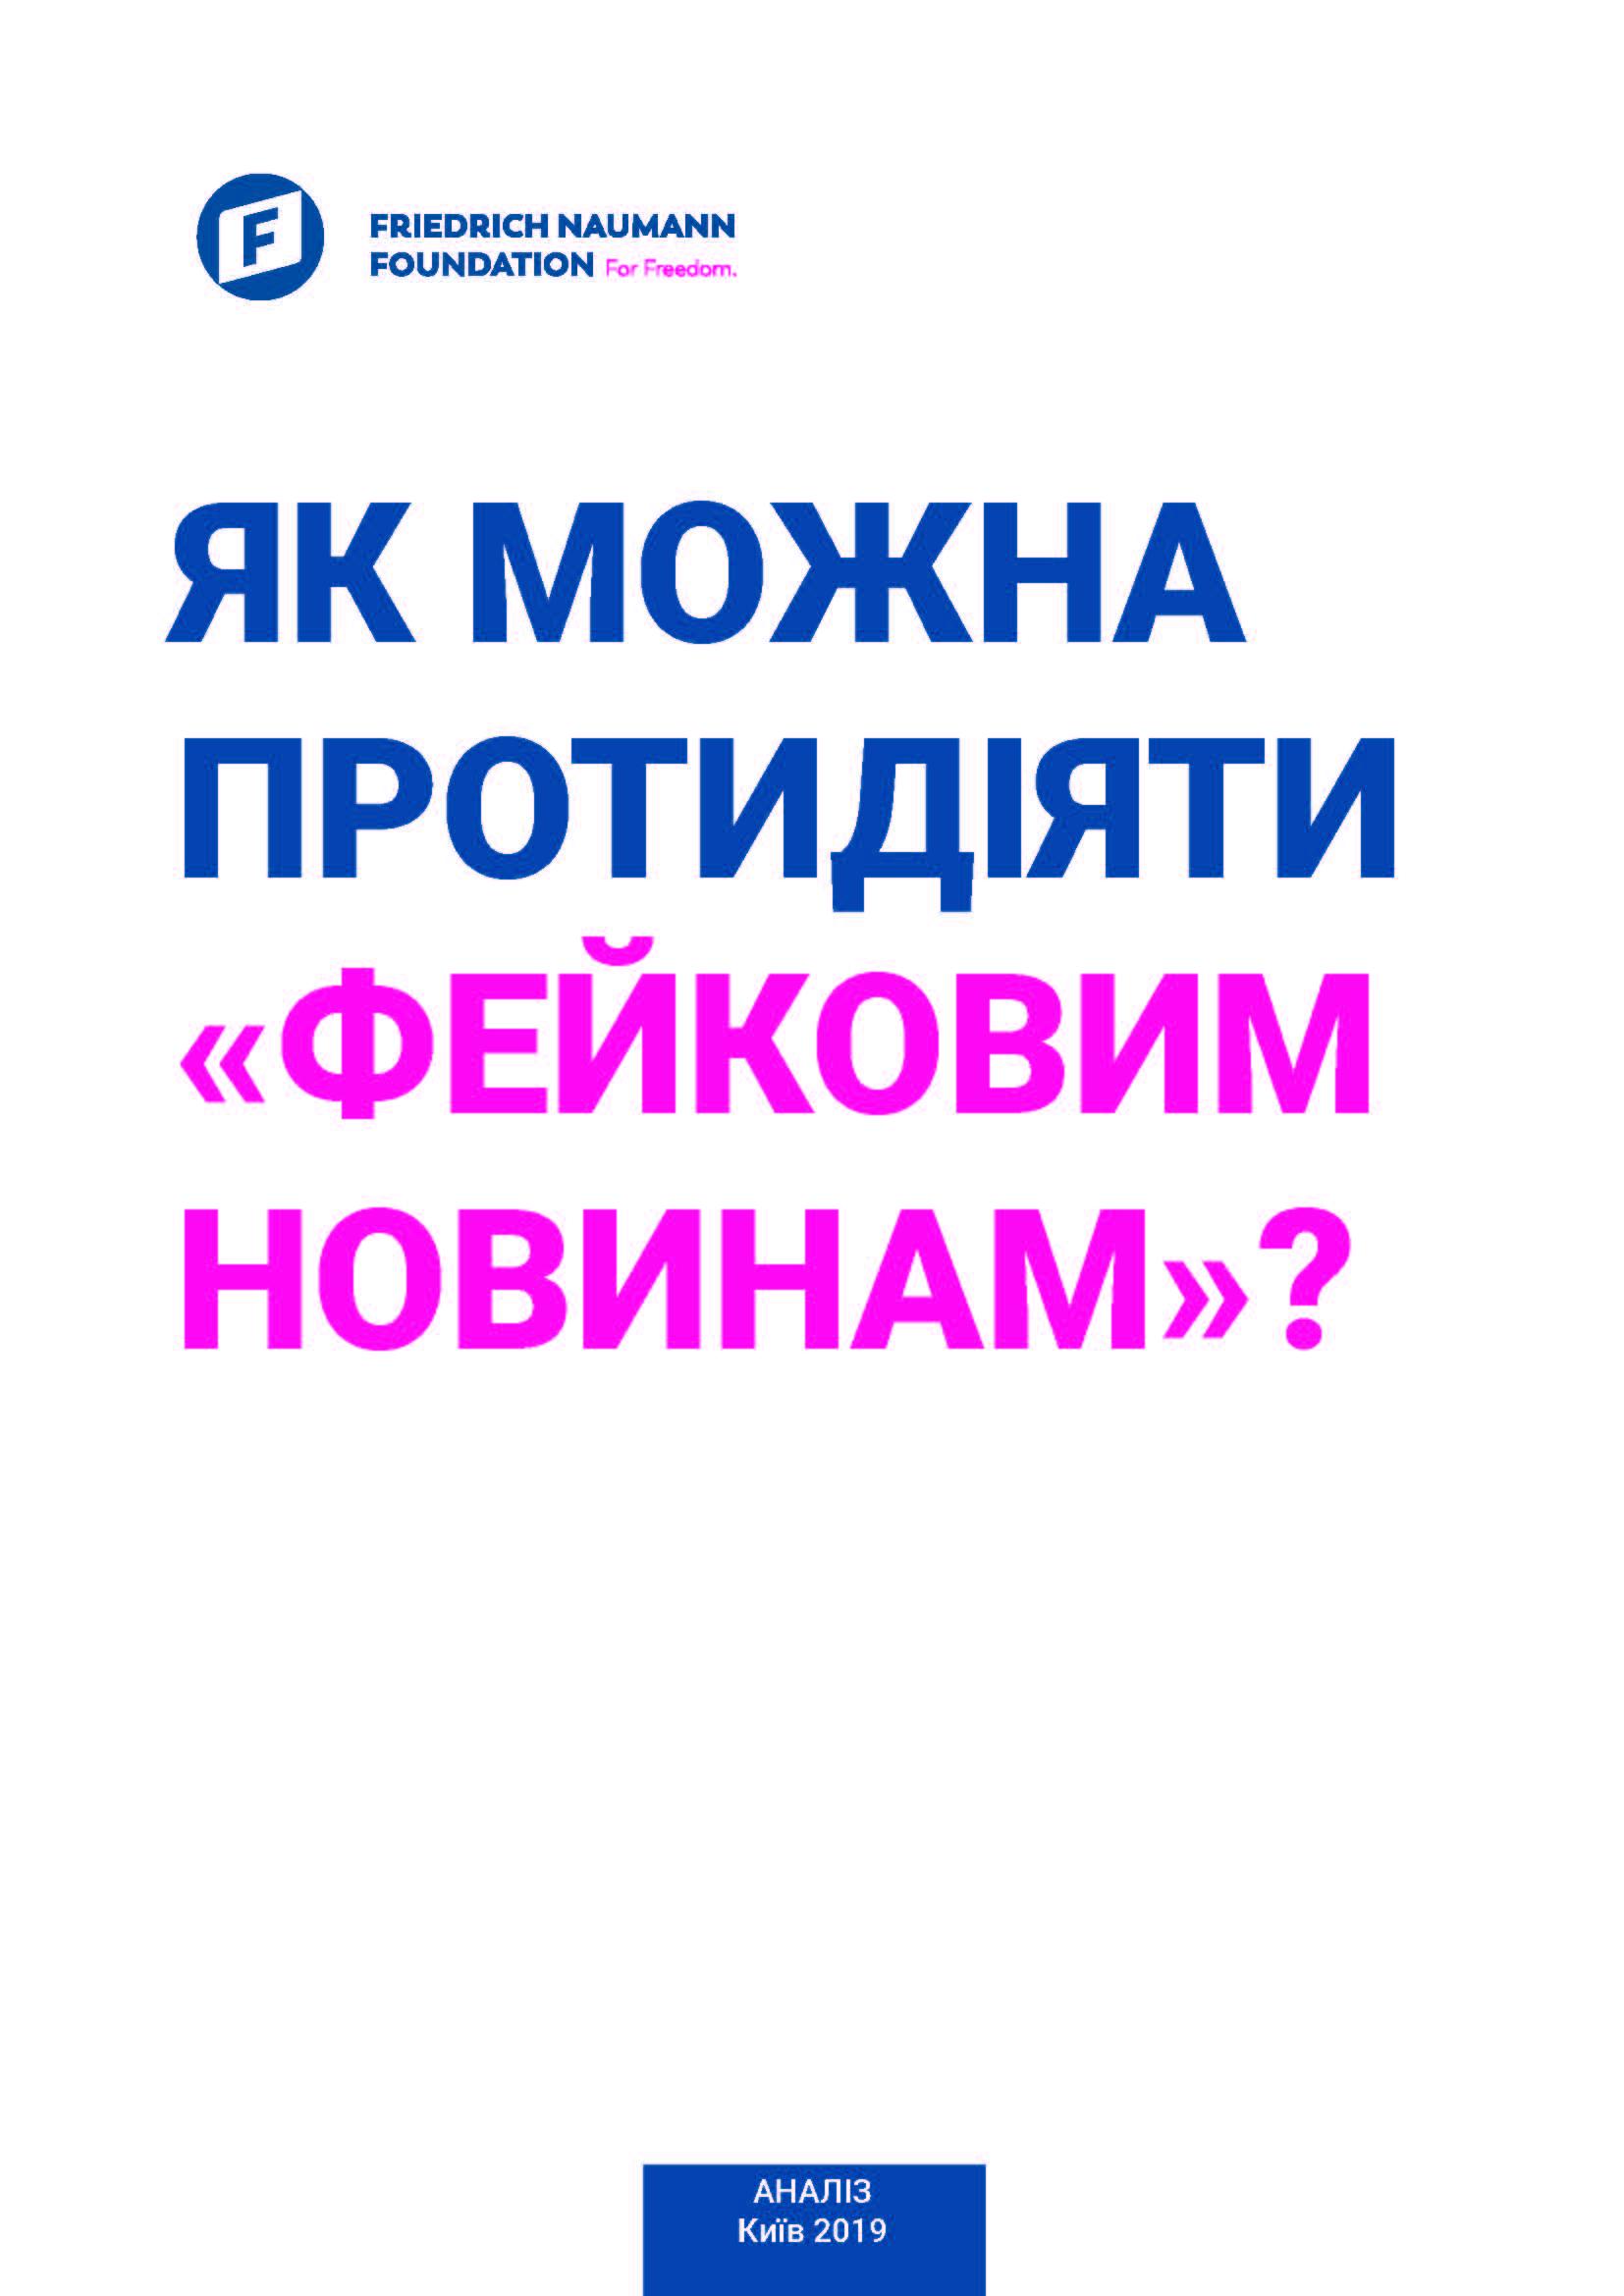 ЯК МОЖНА ПРОТИДІЯТИ «ФЕЙКОВИМ НОВИНАМ»?